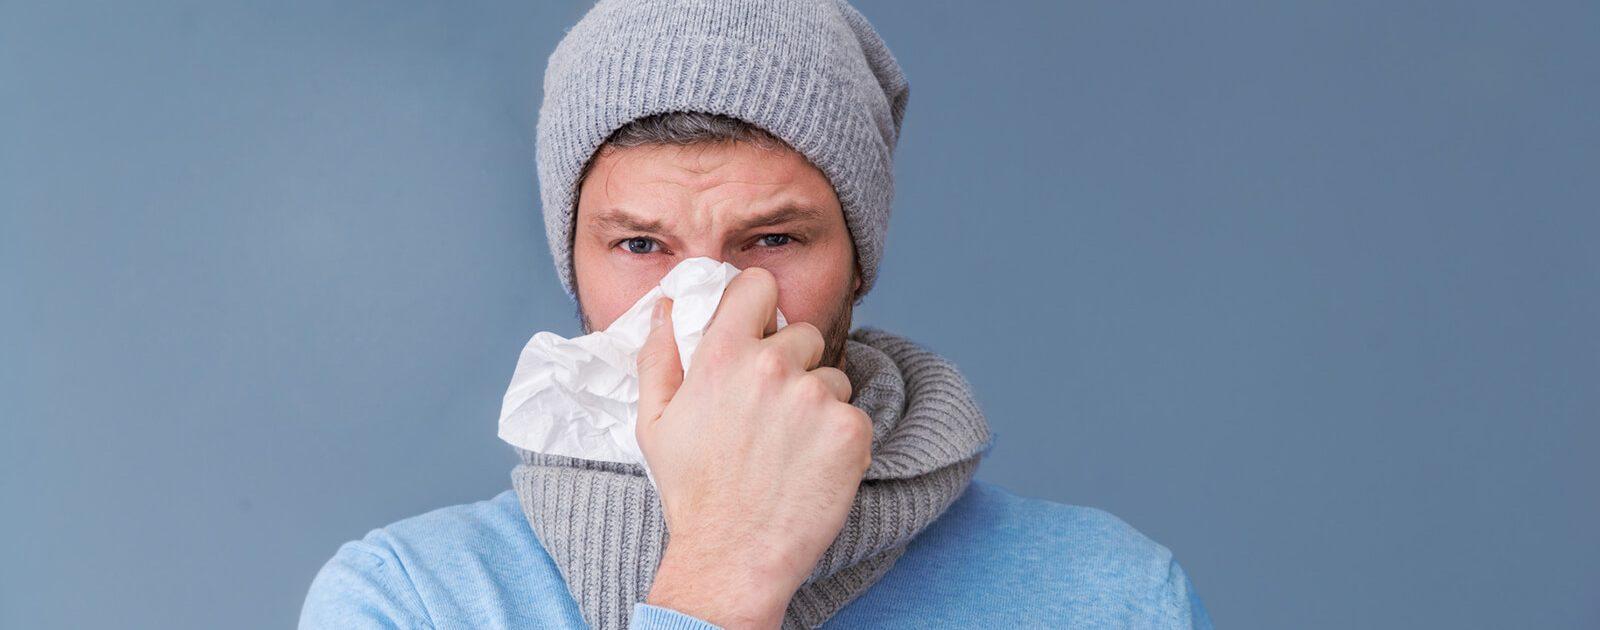 Ein Mann der in ein Taschentuch schnäuzt. Da es verschiedene Schnupfenarten gibt, muss es nicht immer eine Erkältung sein.